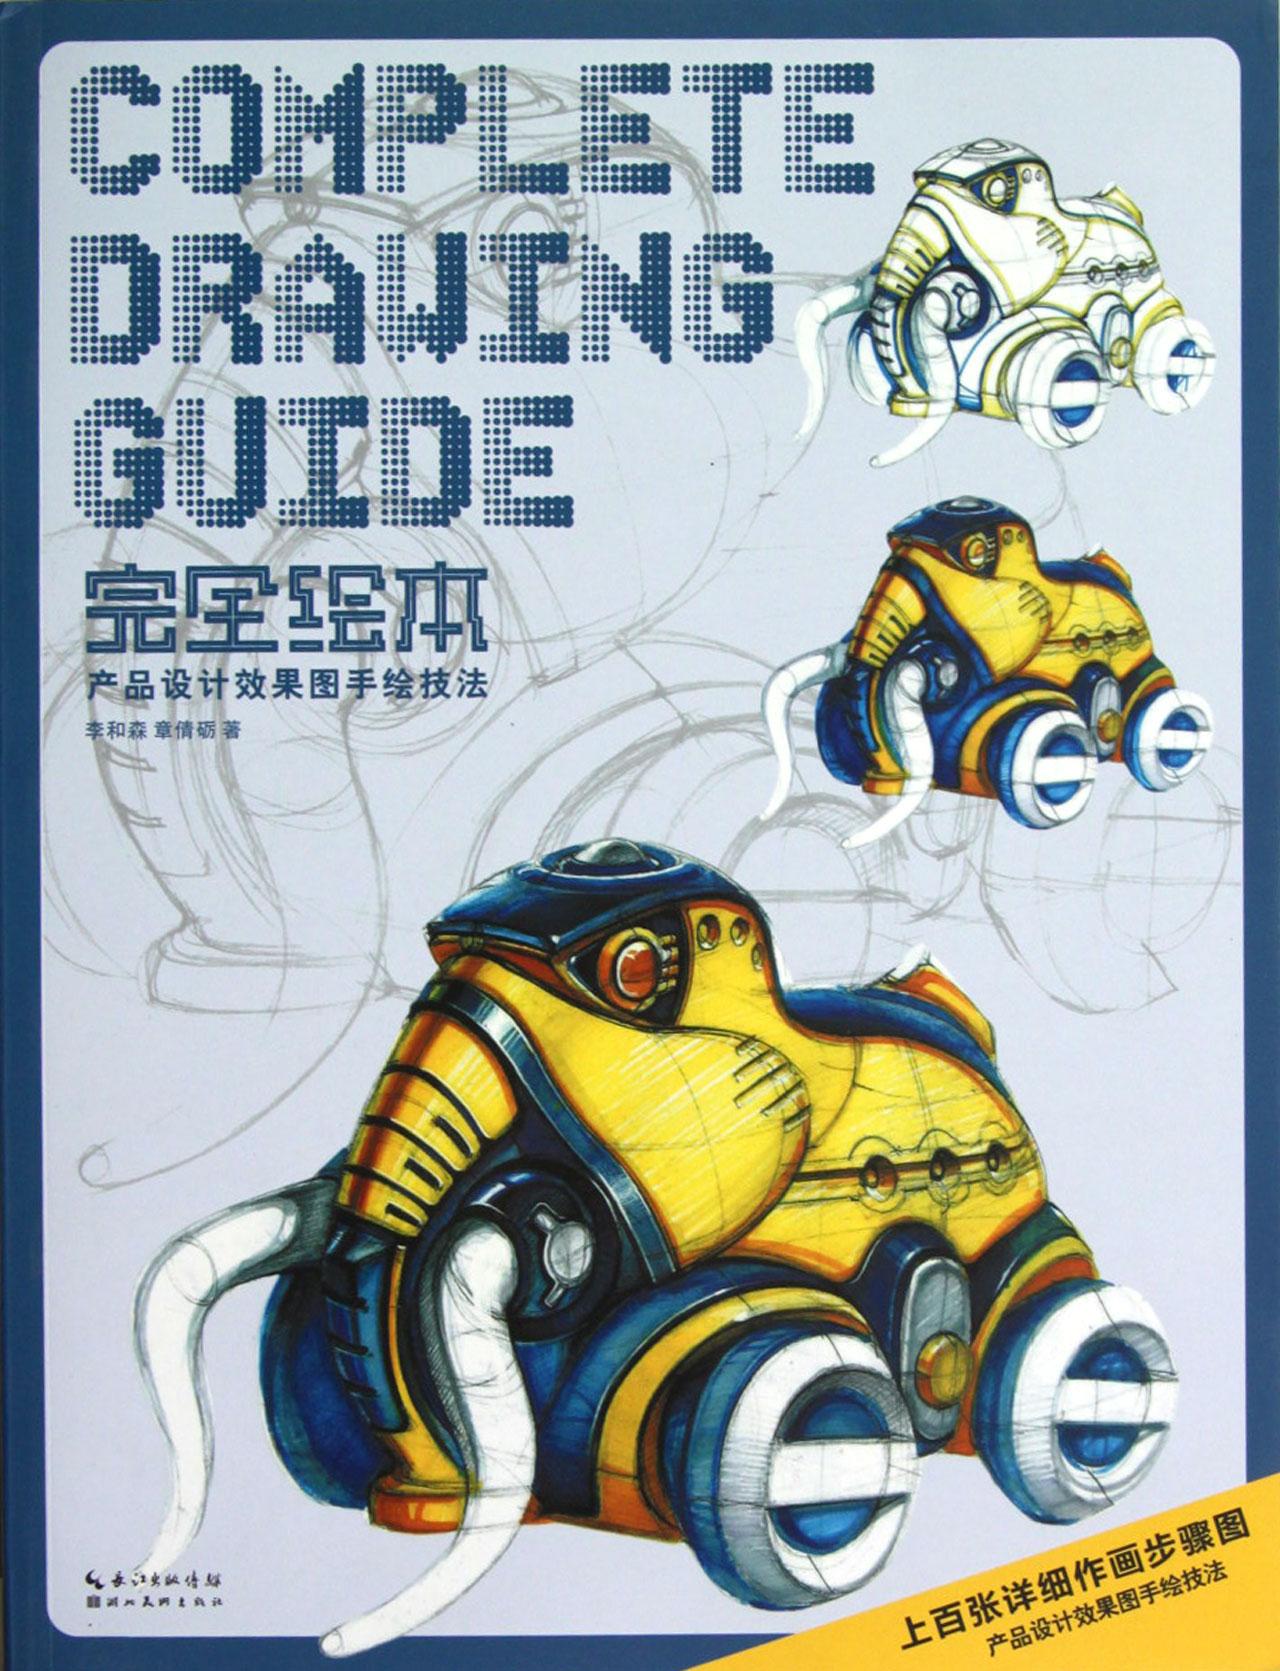 完全绘本 产品设计效果图手绘技法